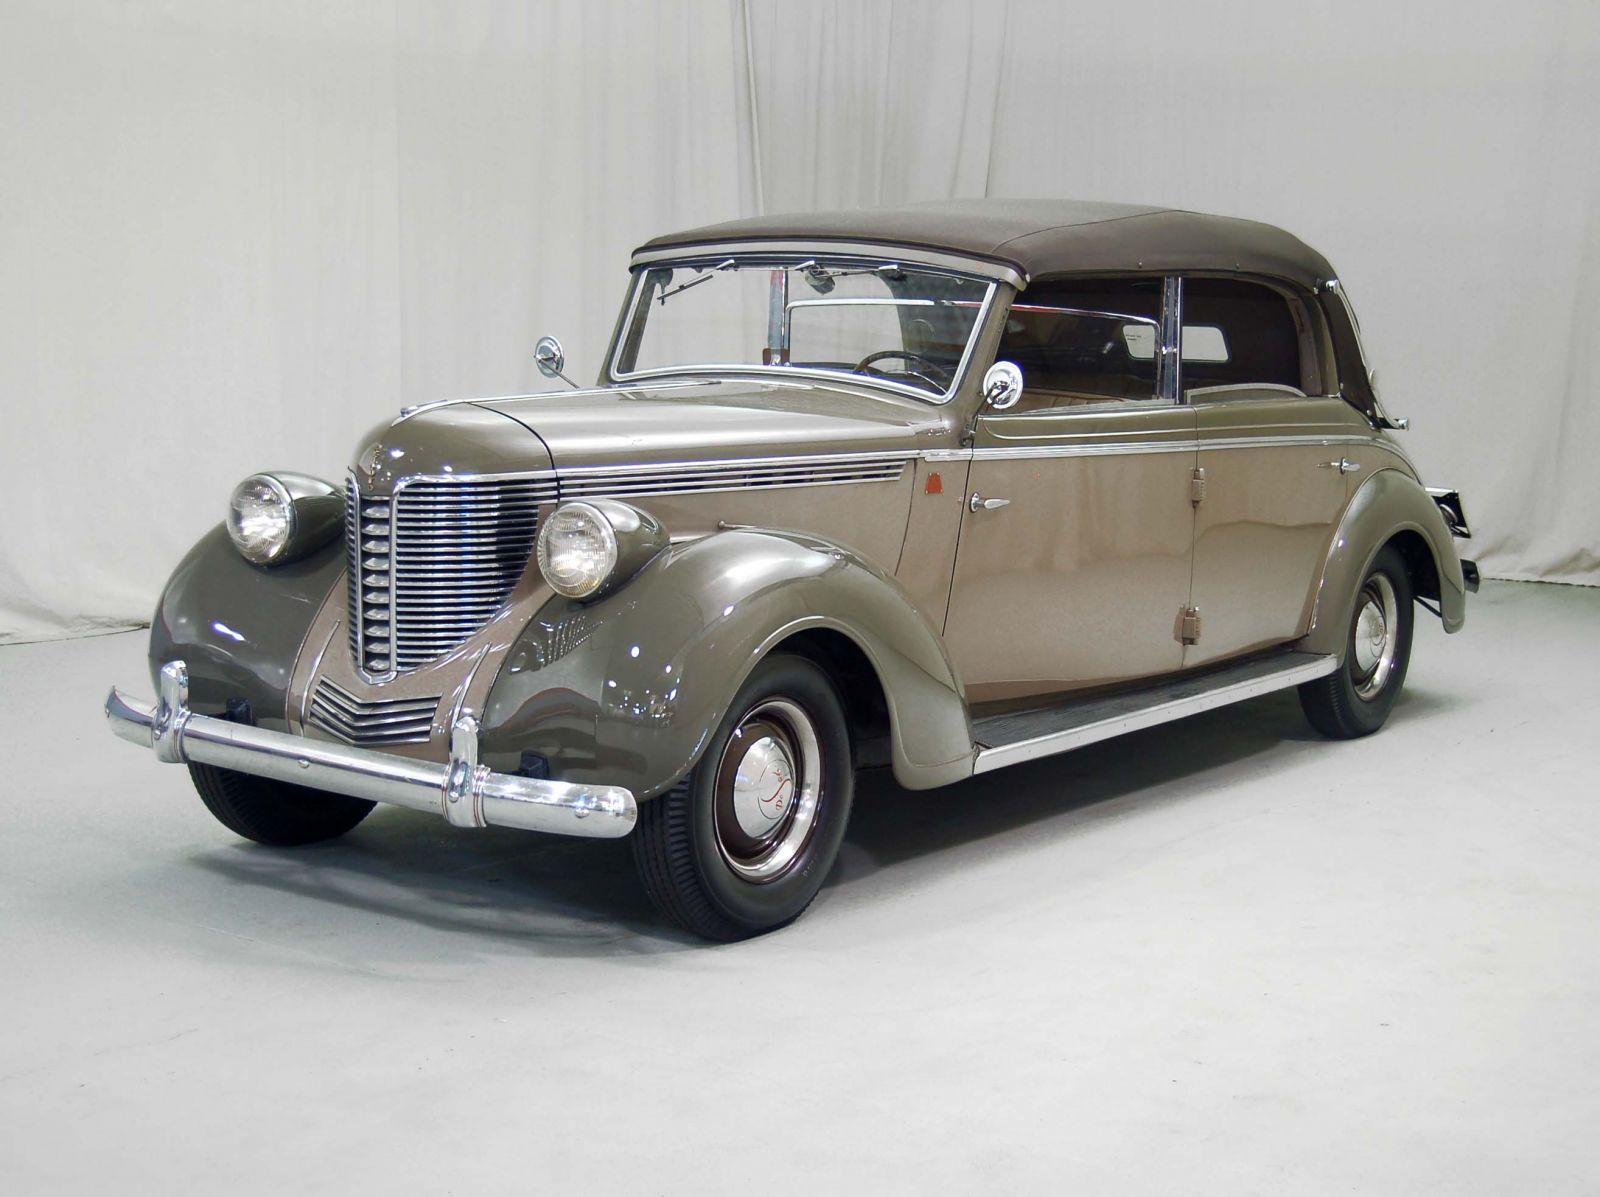 1937 DeSoto S5 | Hyman Ltd. Classic Cars